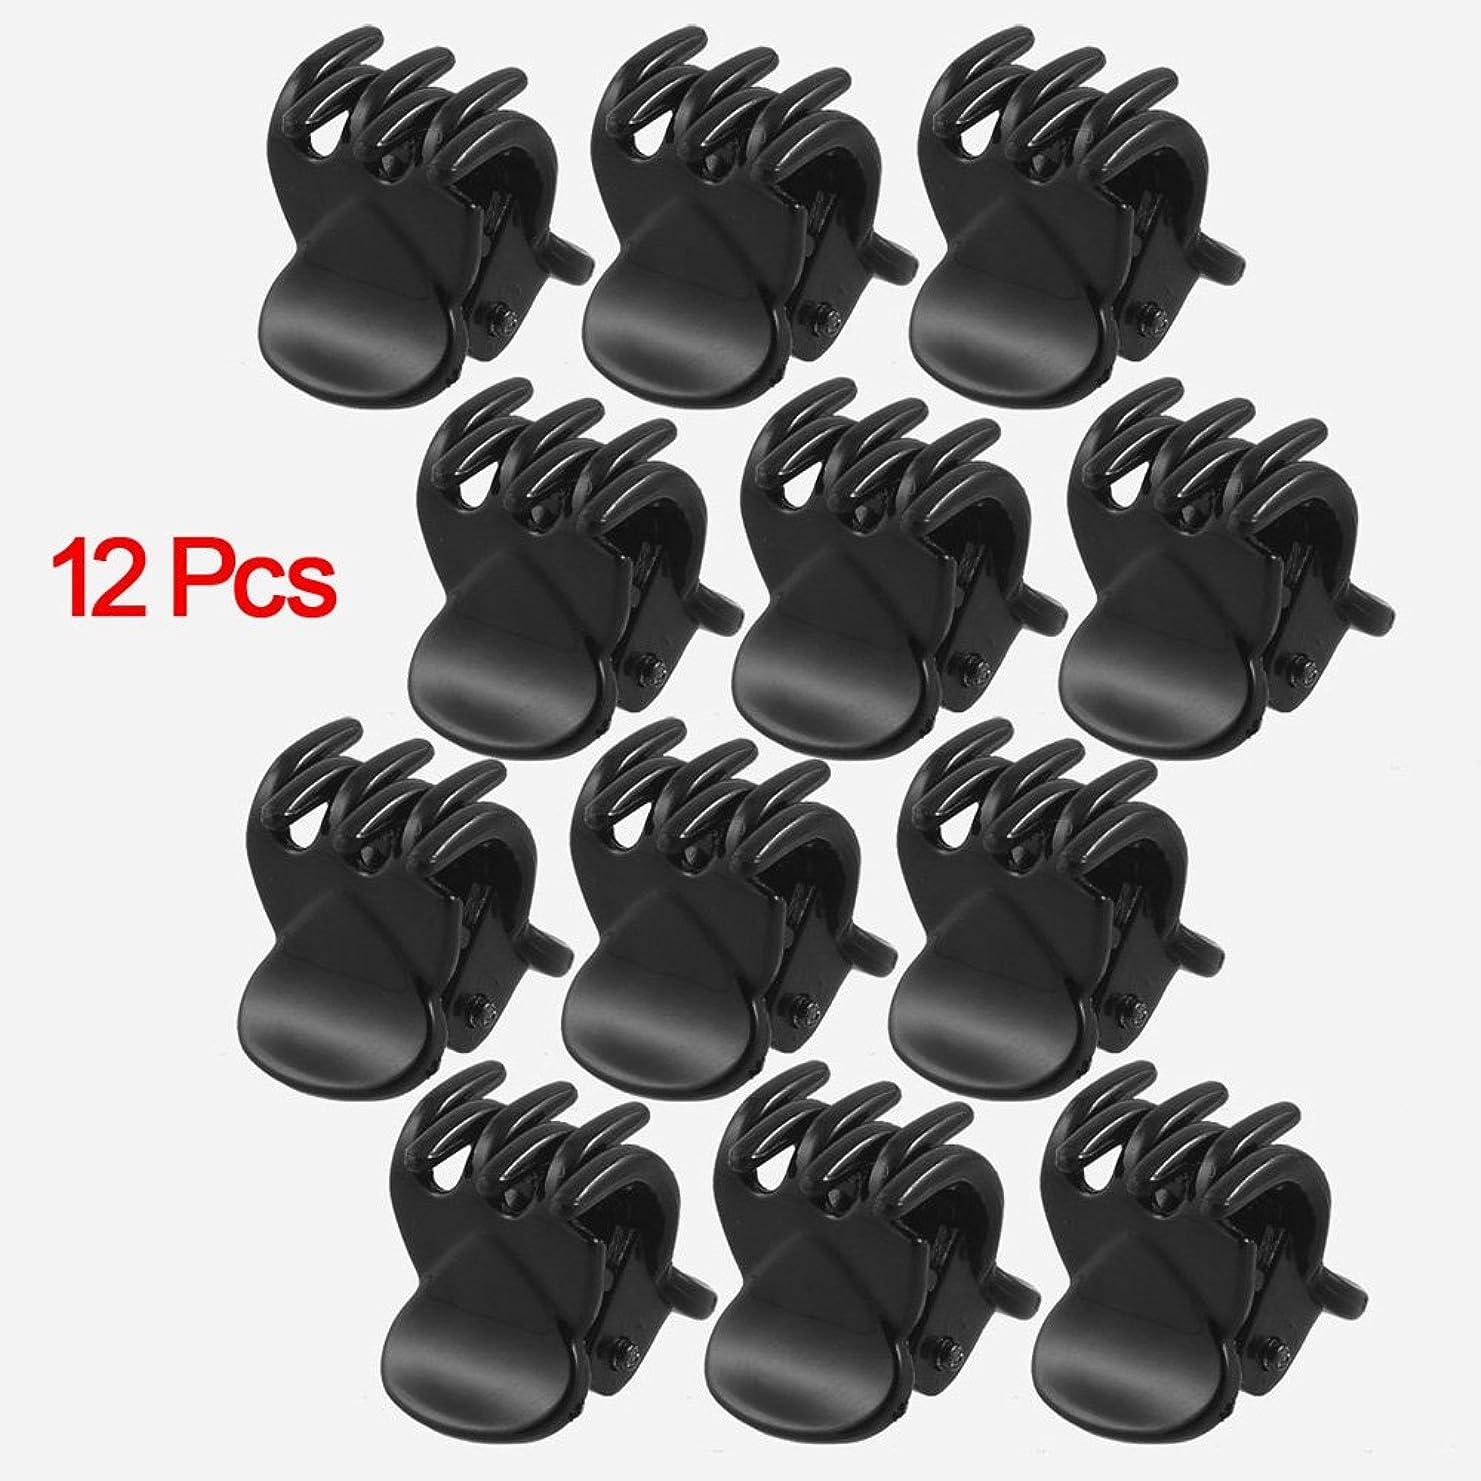 落ち着いて取り囲むゆるいSODIAL(R) 女性のための12個の黒いプラスチック製ミニヘアピン6爪ヘアクリップクランプ